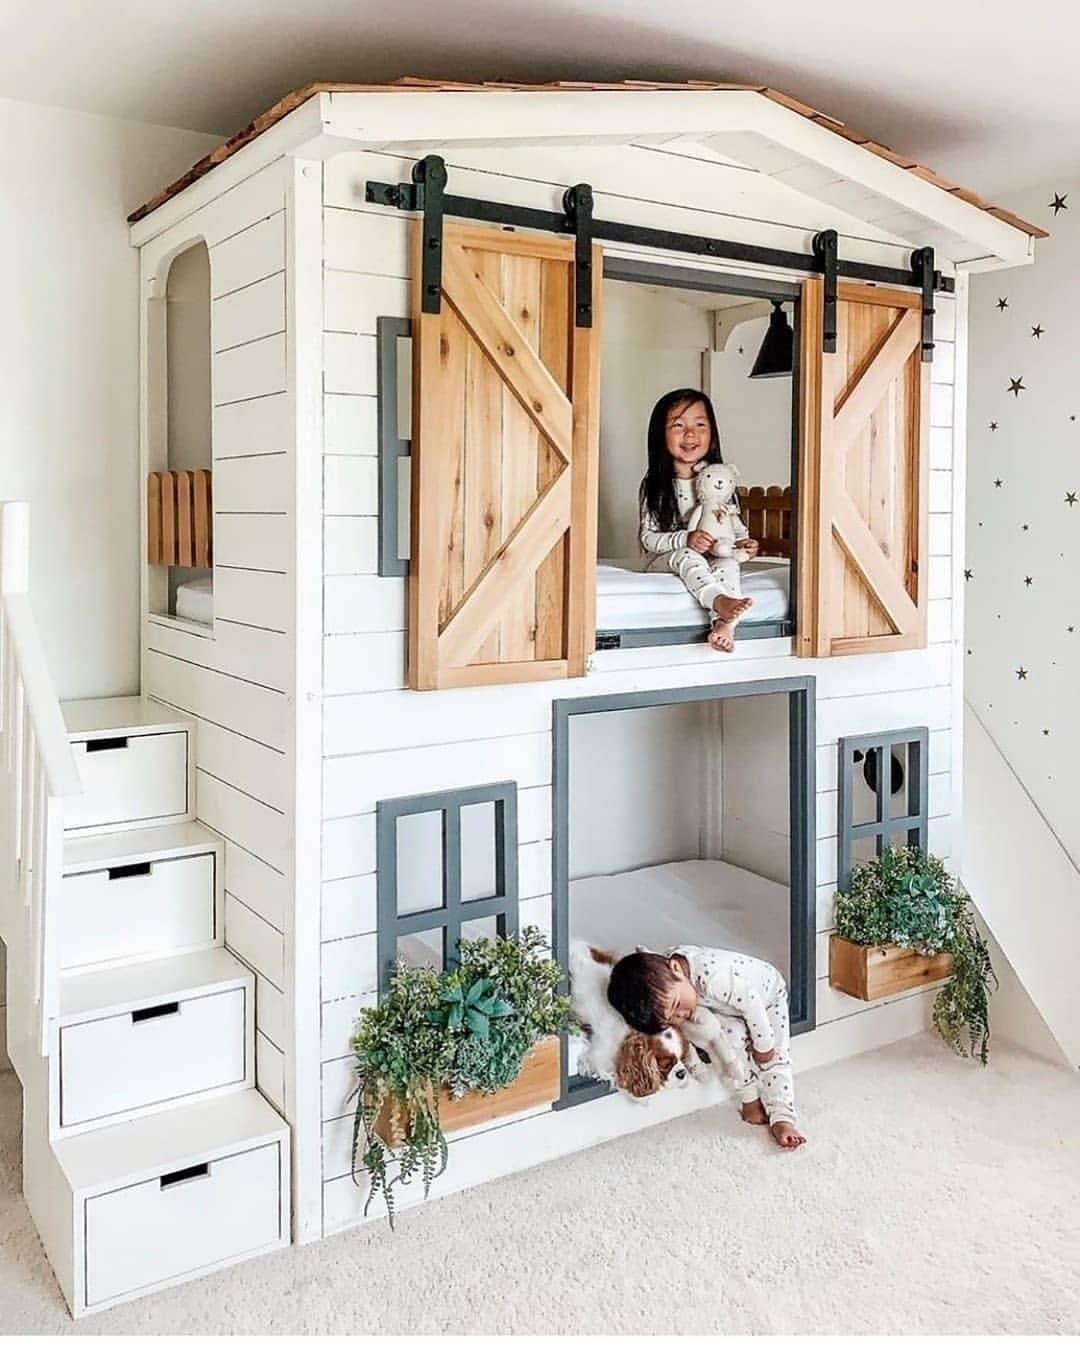 Desain Interior Kamar Tidur Anak Minimalis Dengan Konsep Farmhouse Untuk 2  Orang Anak - Inspirasi Desain Rumah Terkini